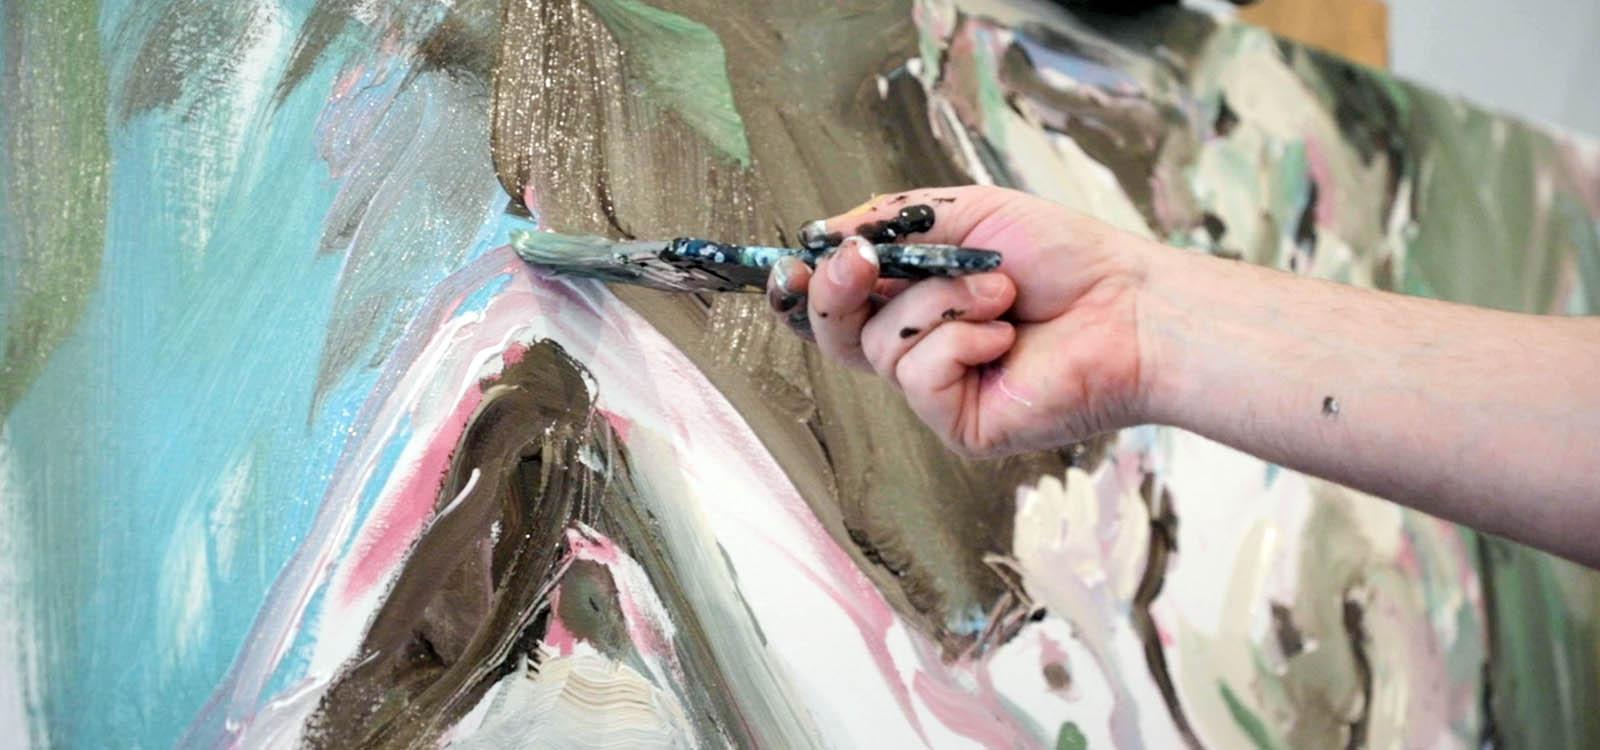 schilder koen van ham in zijn atelier